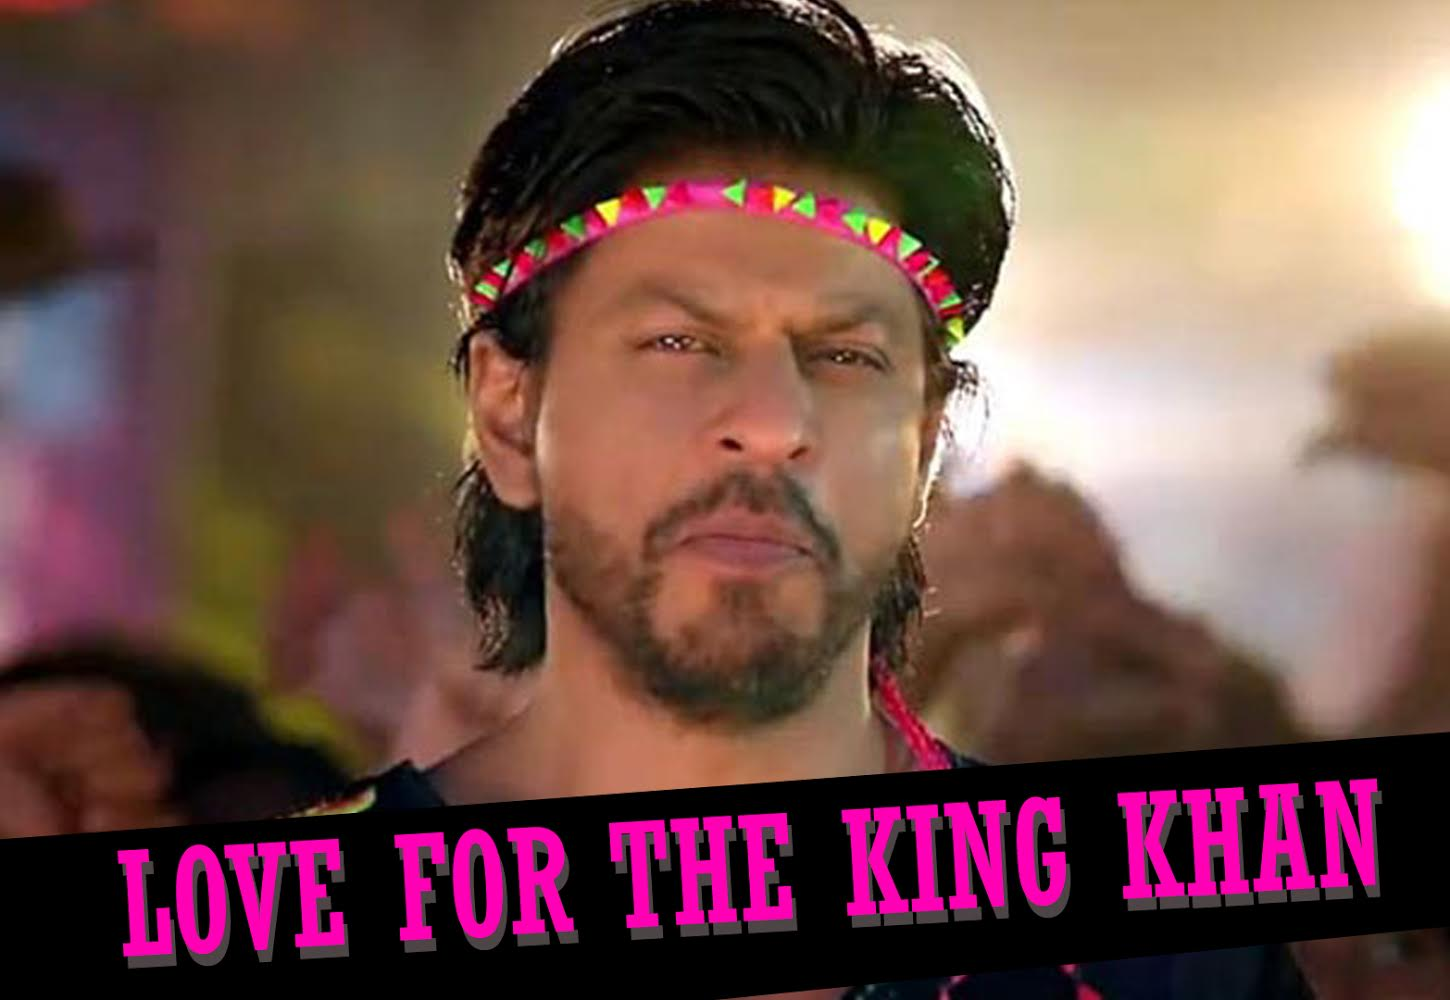 LoveForKingKhan